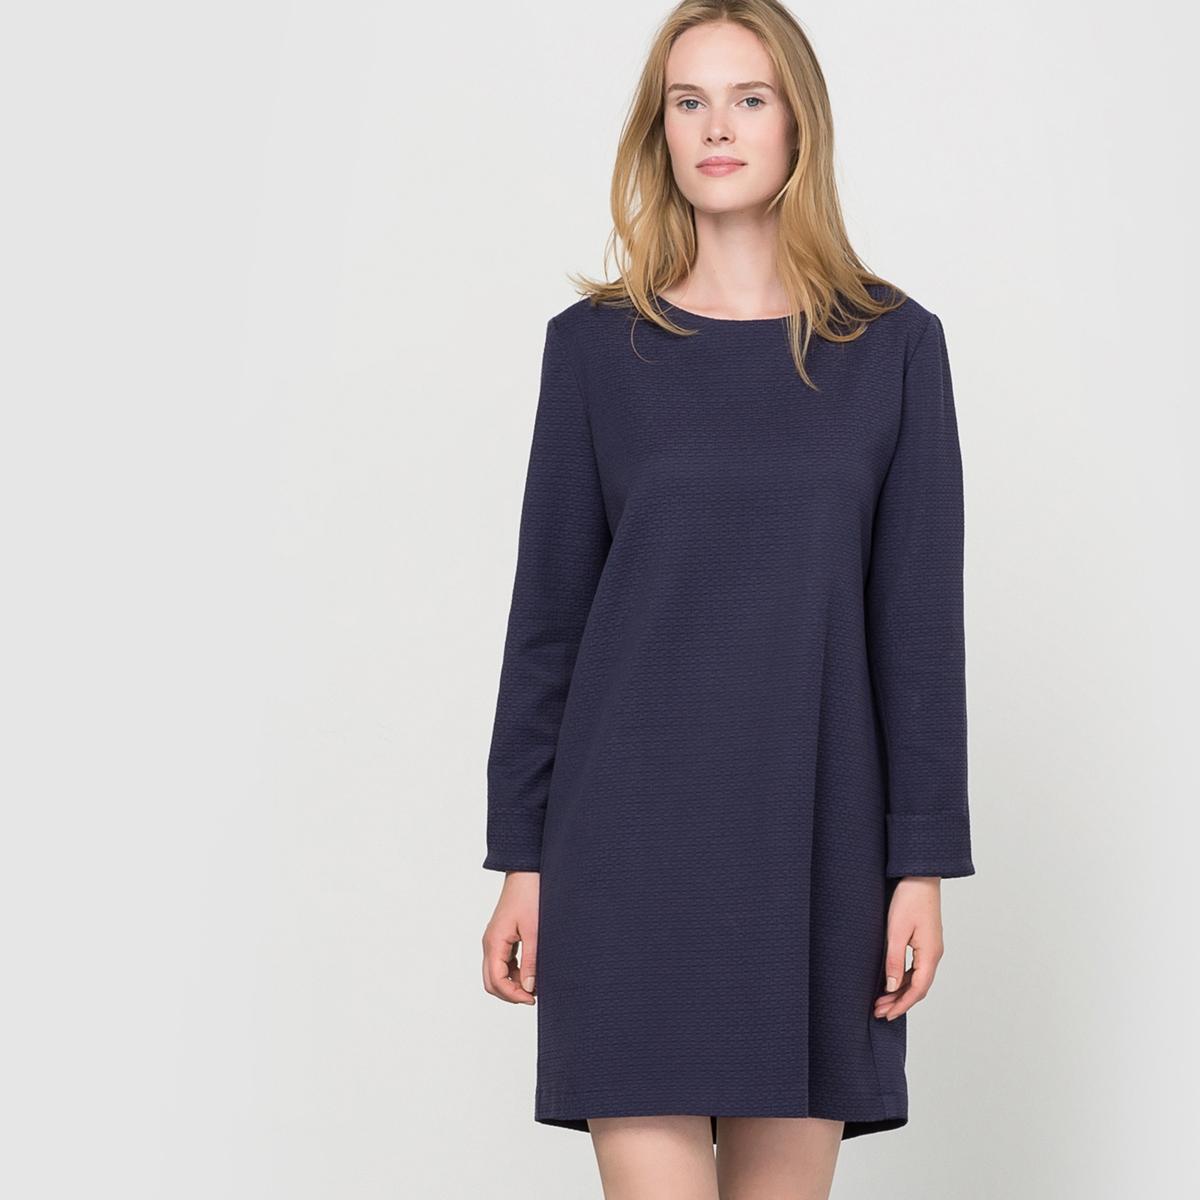 Платье-футляр с текстурным узором, сделано во Франции